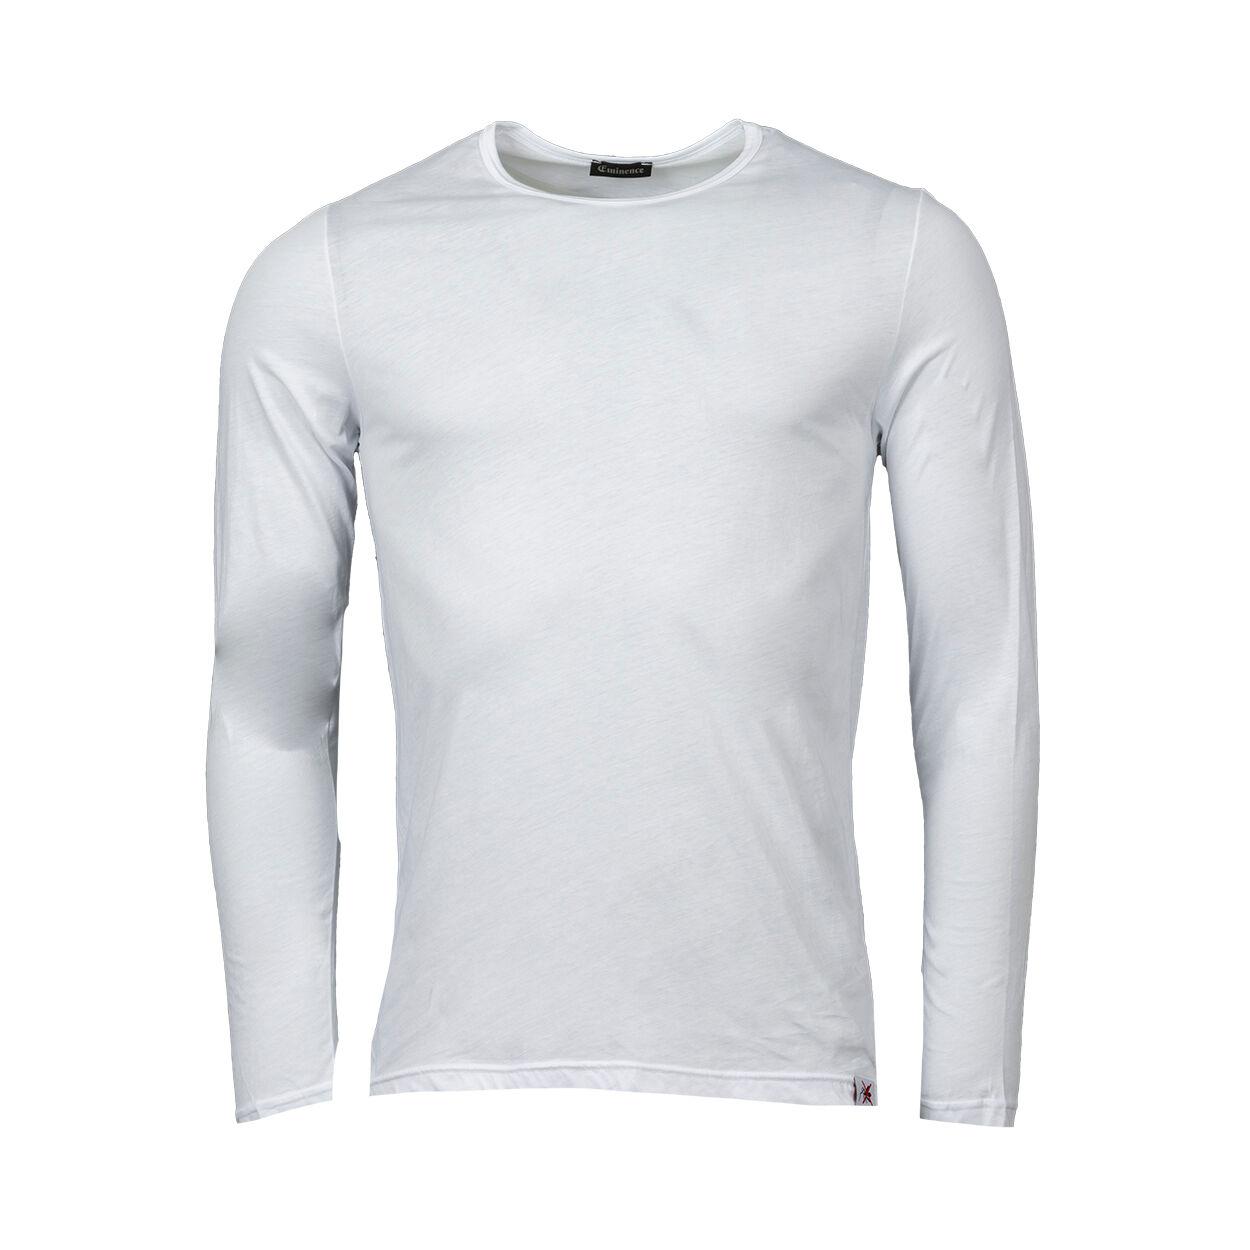 Eminence Tee-shirt anti-moustiques à col rond Eminence en coton blanc - BLANC -